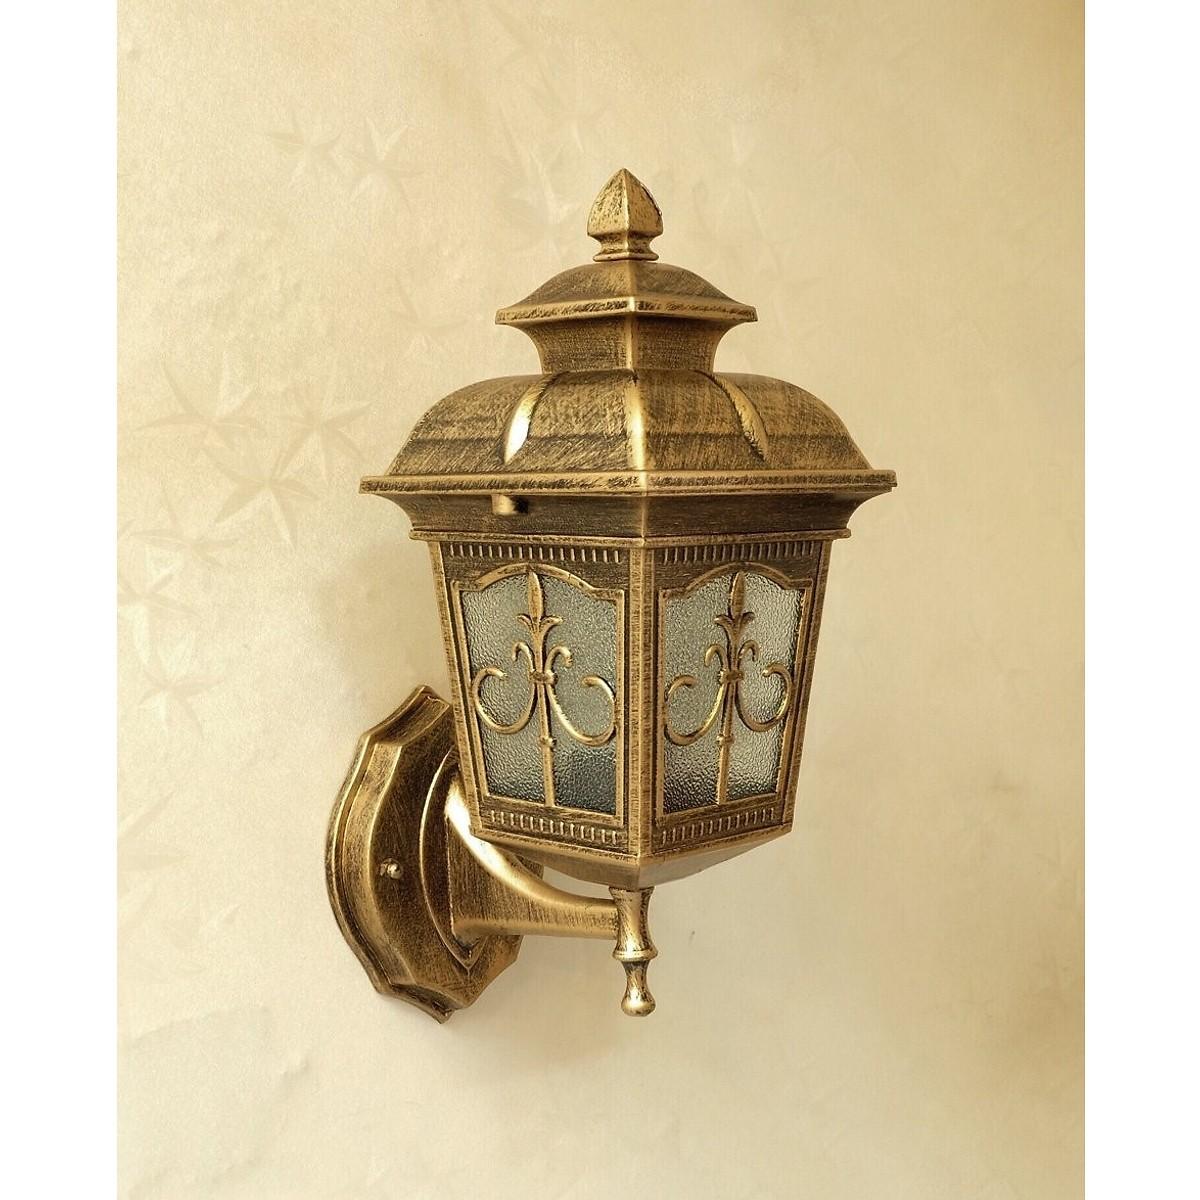 Đèn tường OLAP cổ điển trang trí nội, ngoại thất tăng thêm sự sang trọng cho không gian nhà ở, quán cafe